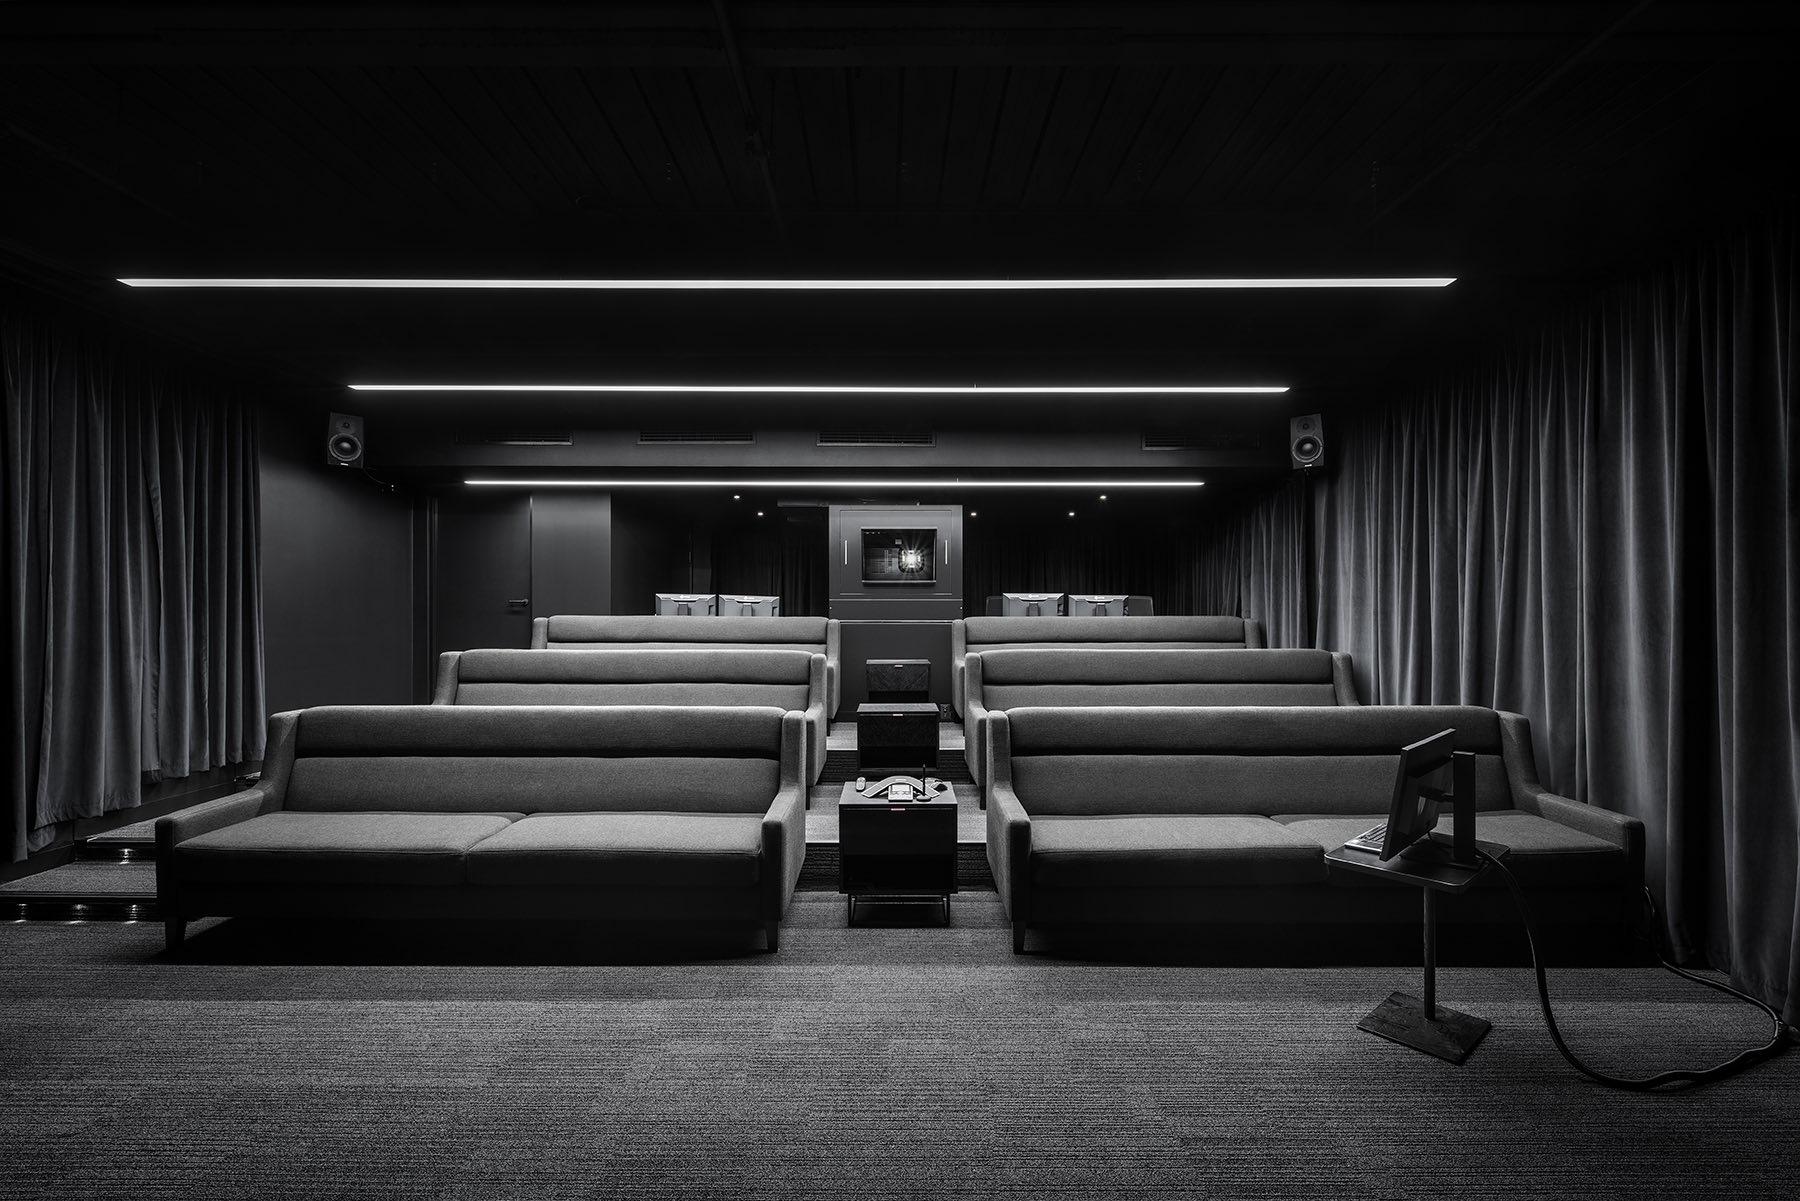 mill-film-studio-adelaide-office-7